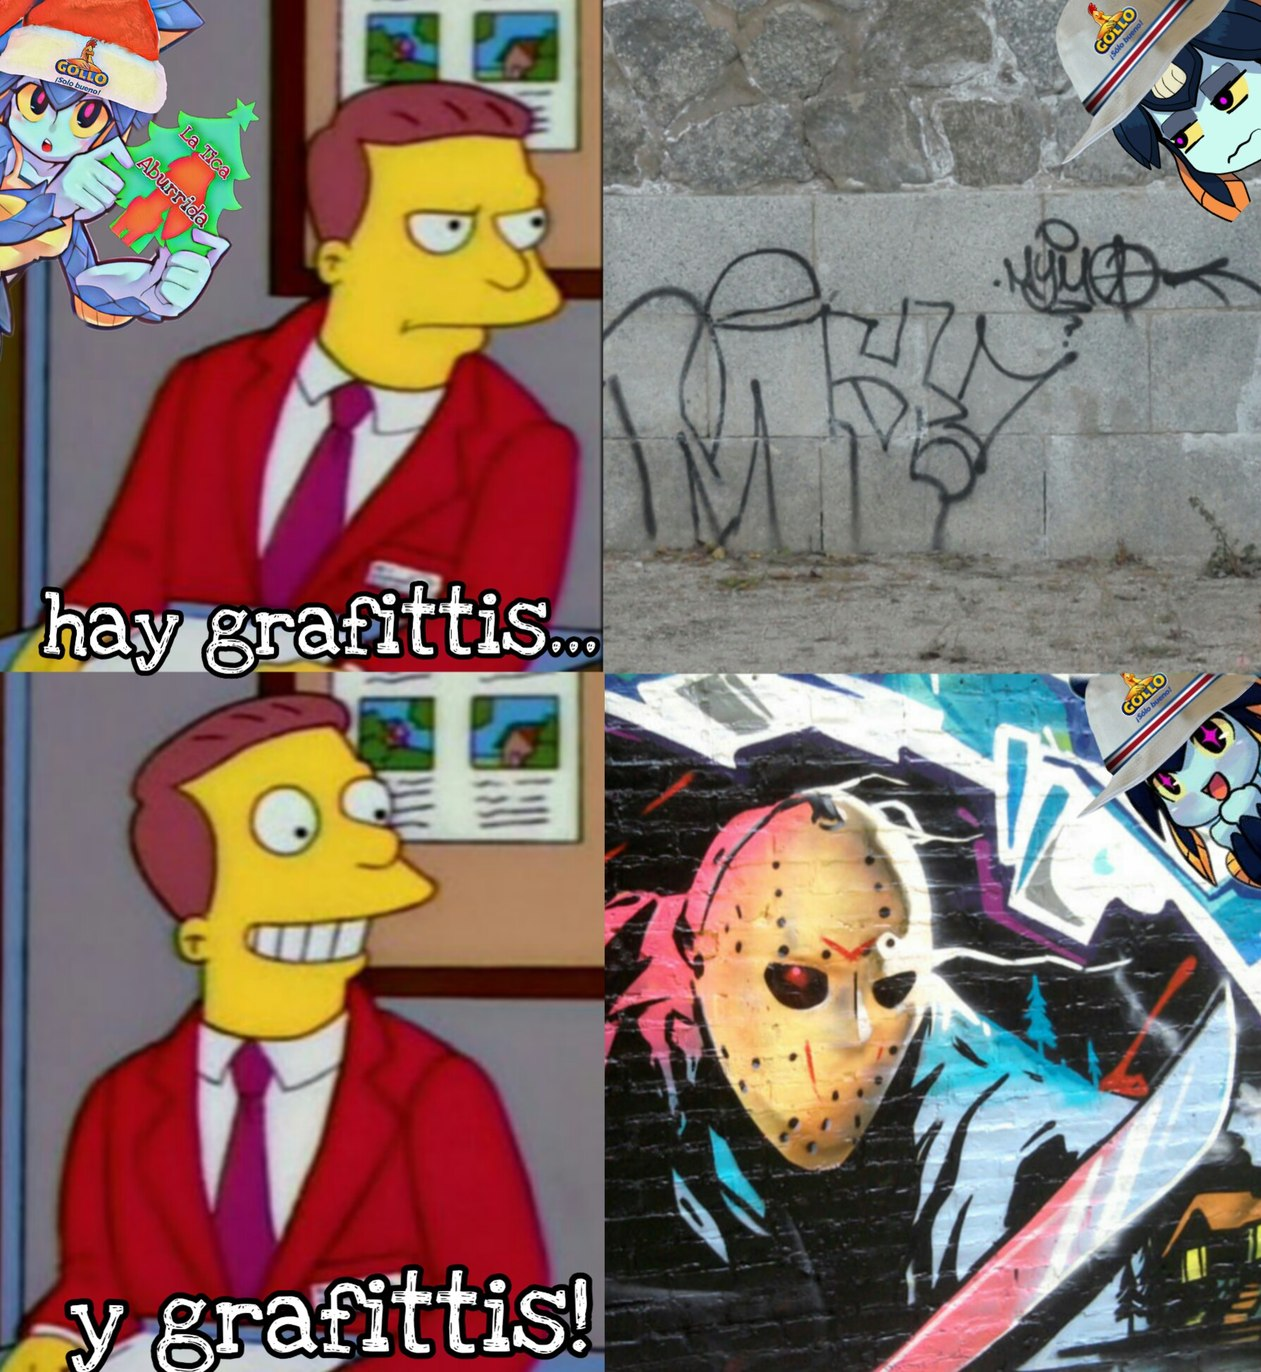 Dibujos bonitos en una pared - meme